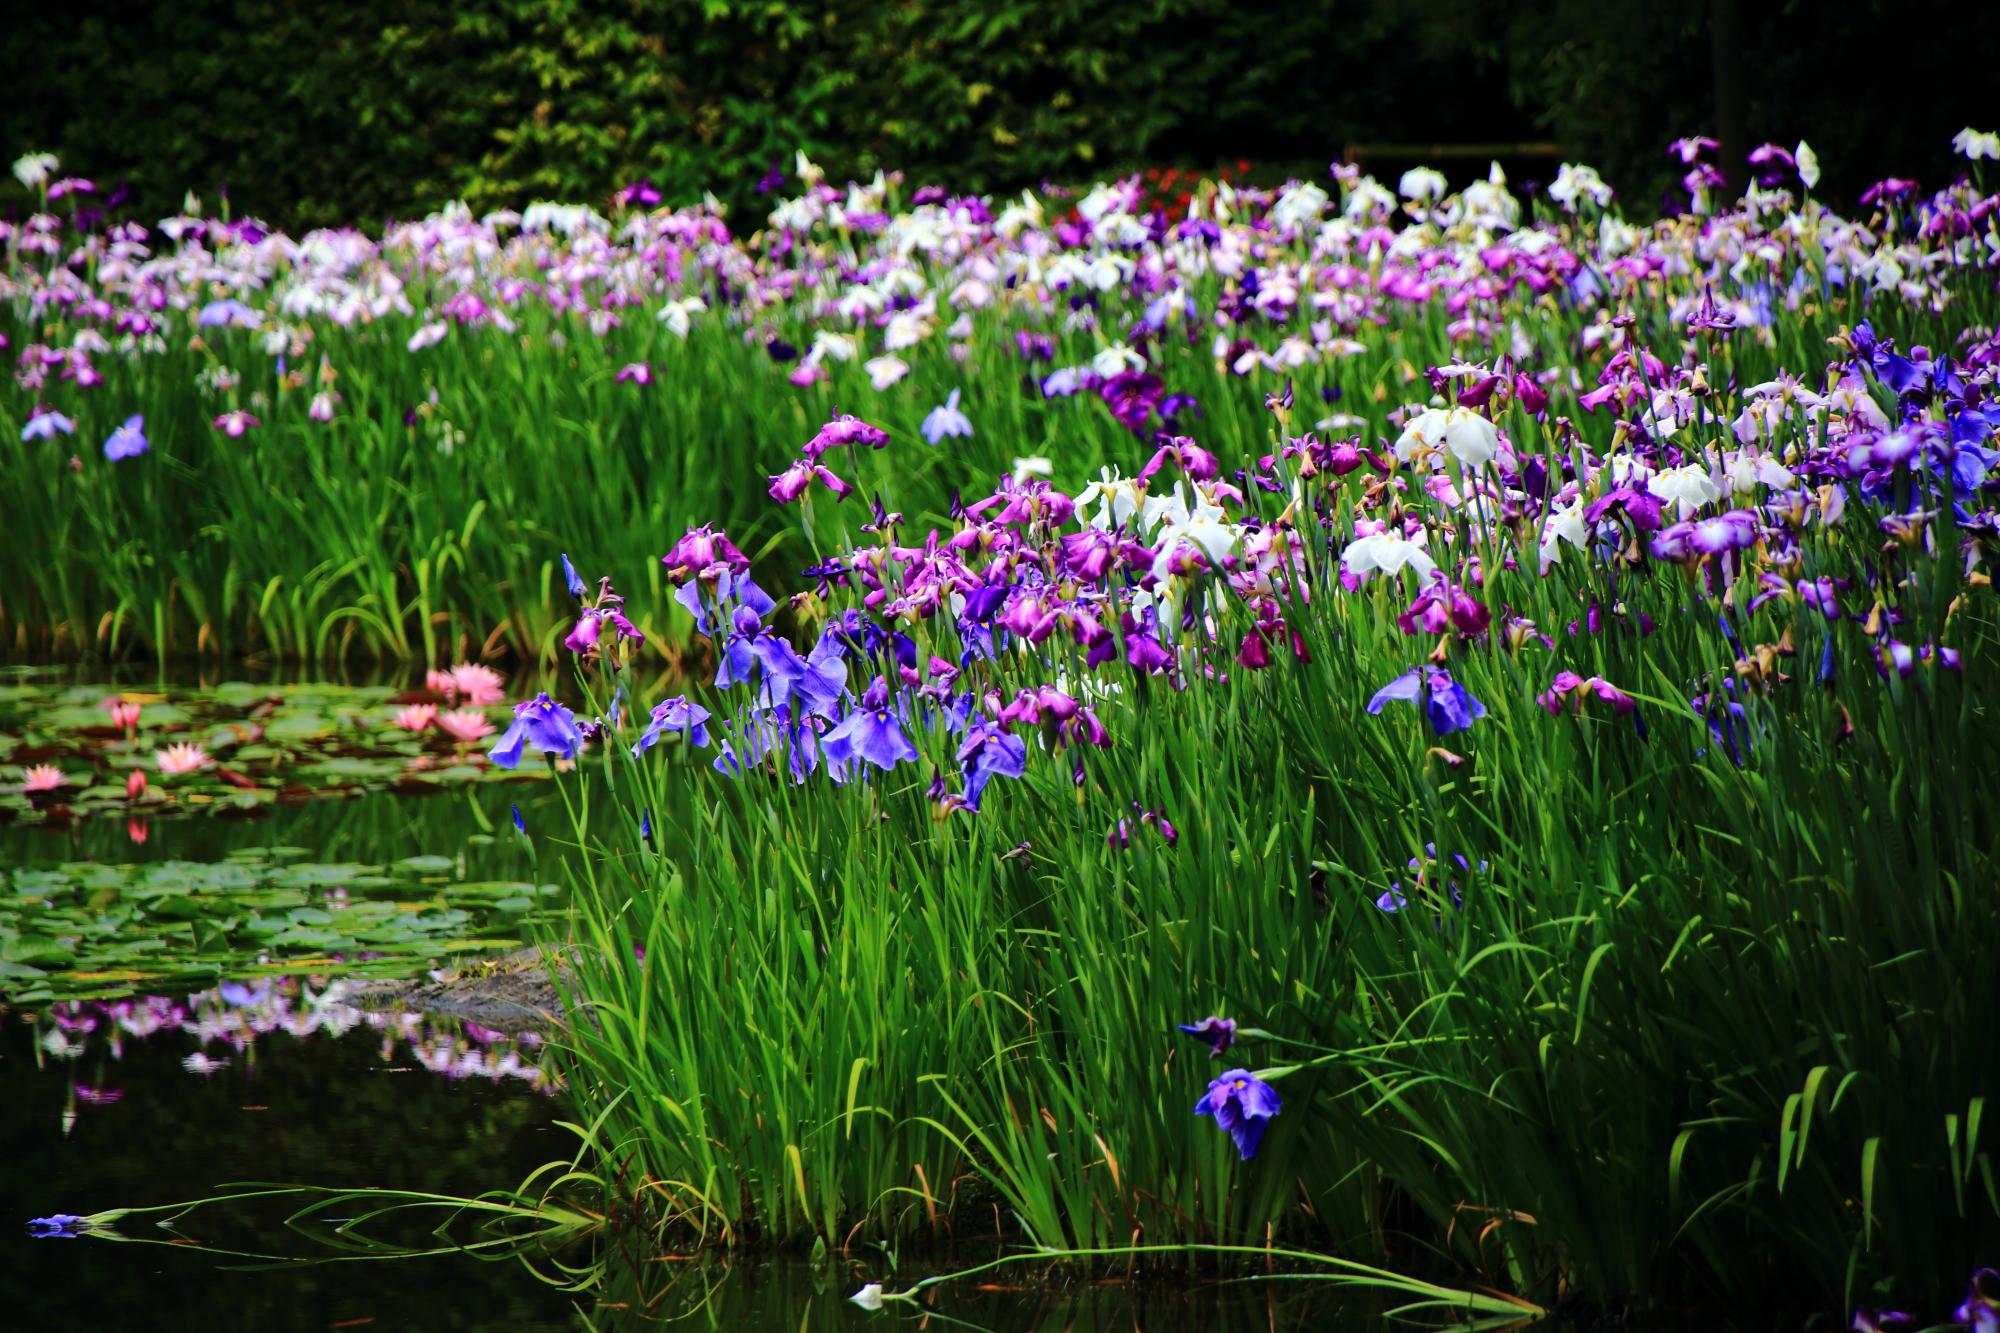 溢れんばかりに咲き誇るたくさんの花菖蒲